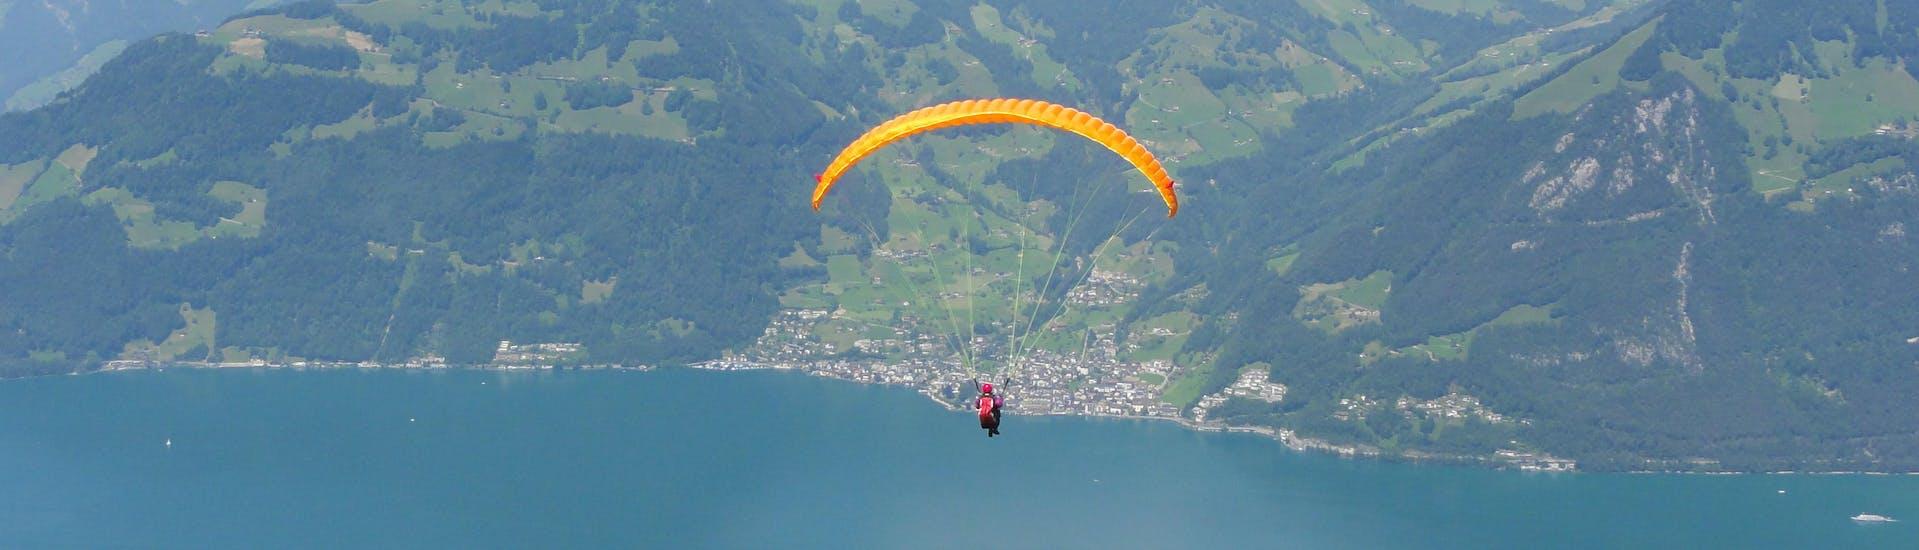 Un parapentiste est émerveillé par le paysage lors d'un vol en parapente biplace dans la célèbre destination de parapente Lac des Quatre-Cantons.